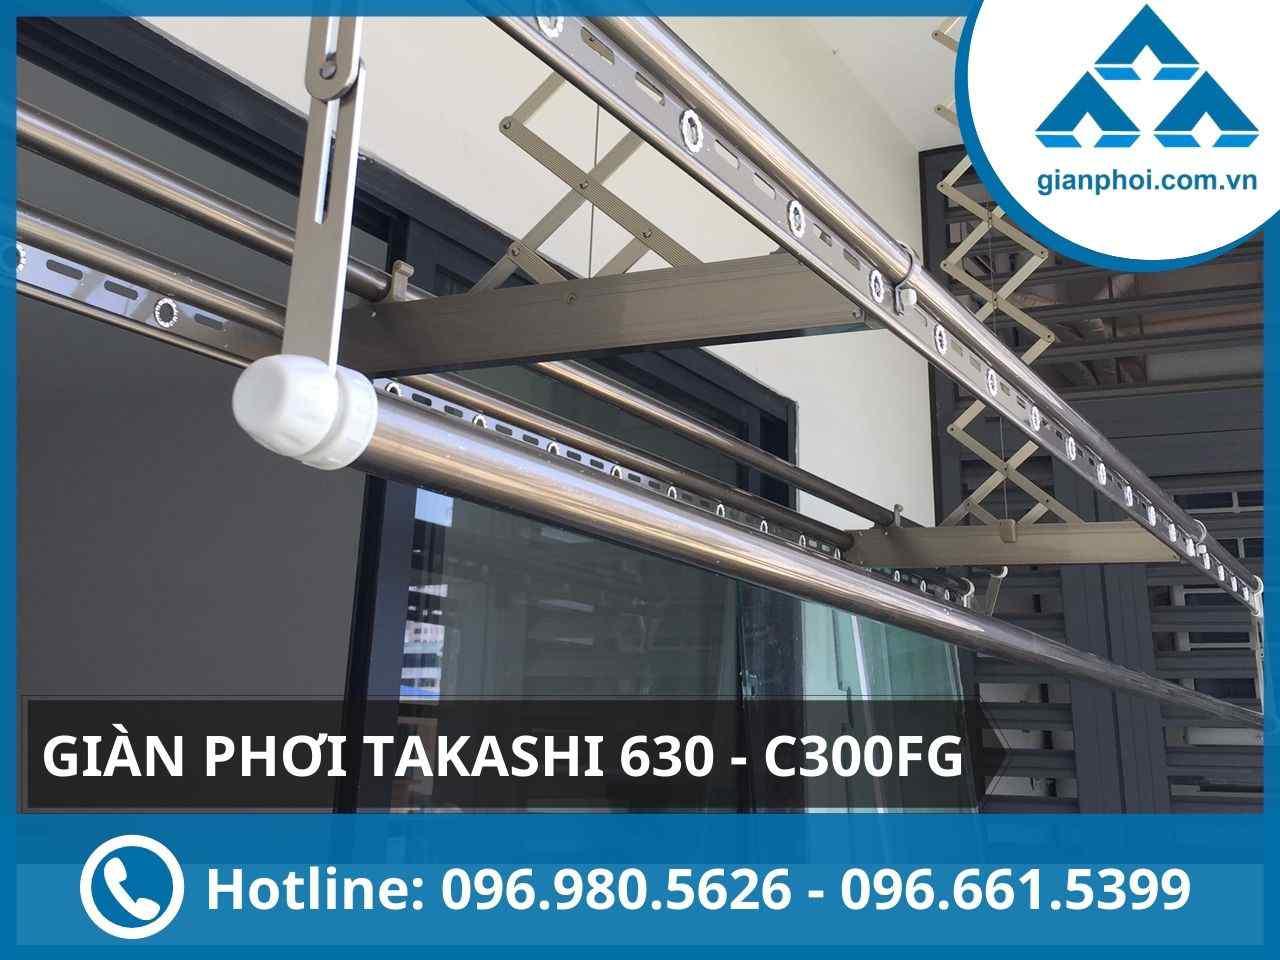 Giàn phơi thông minh điện tử 4 thanh japan takashi 630 - c300fg